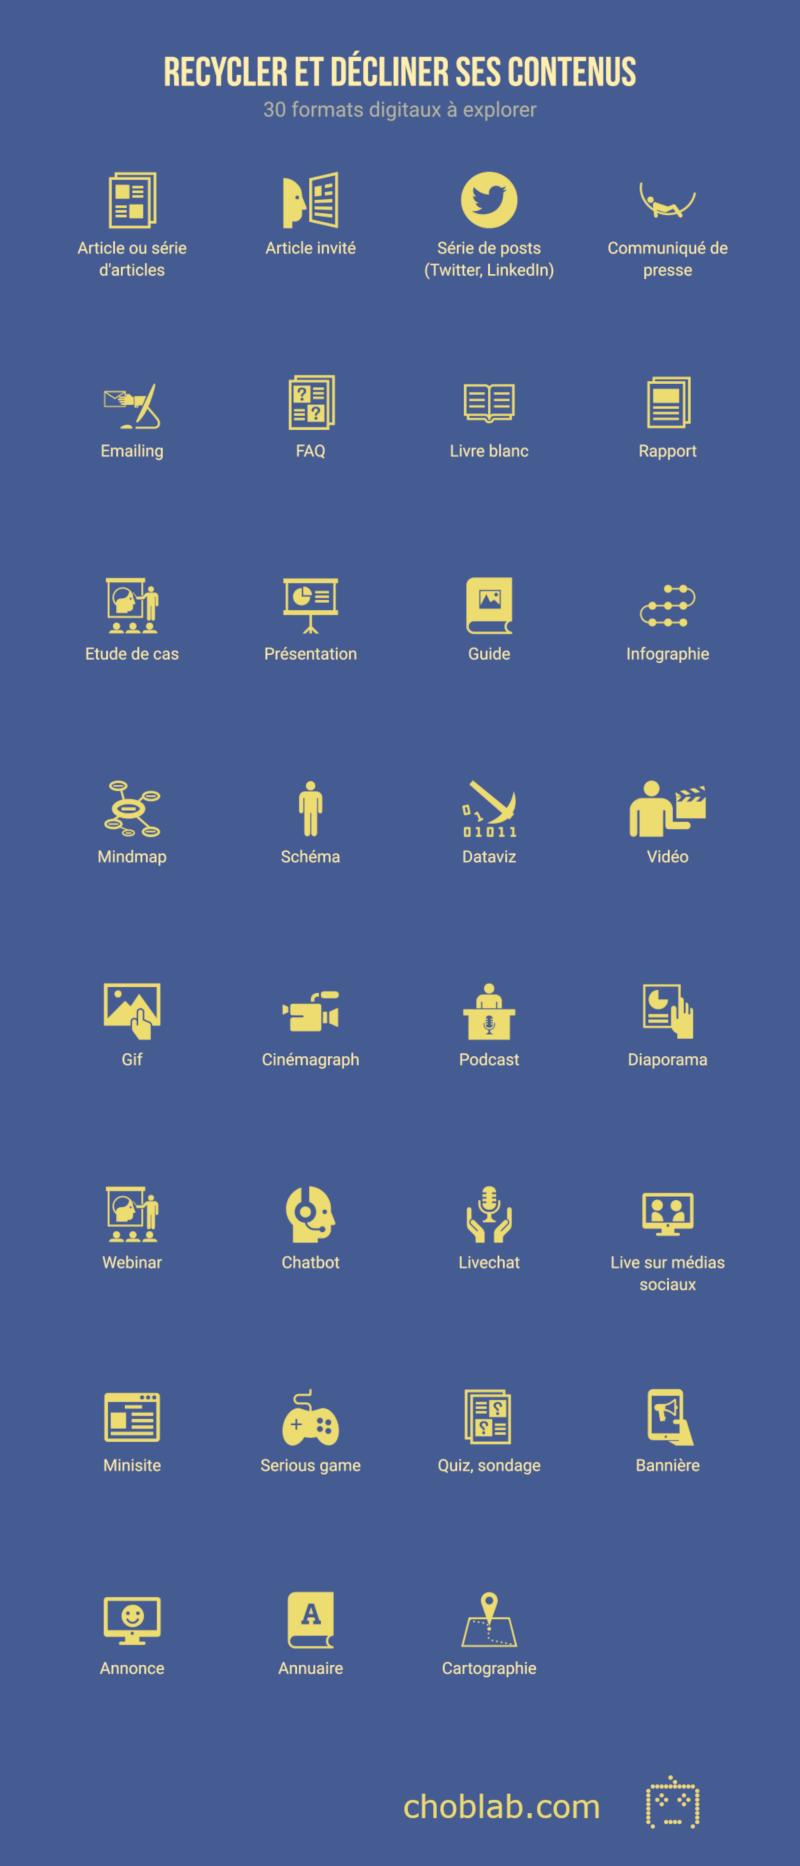 Recycler et décliner ses contenus - Infographie choblab